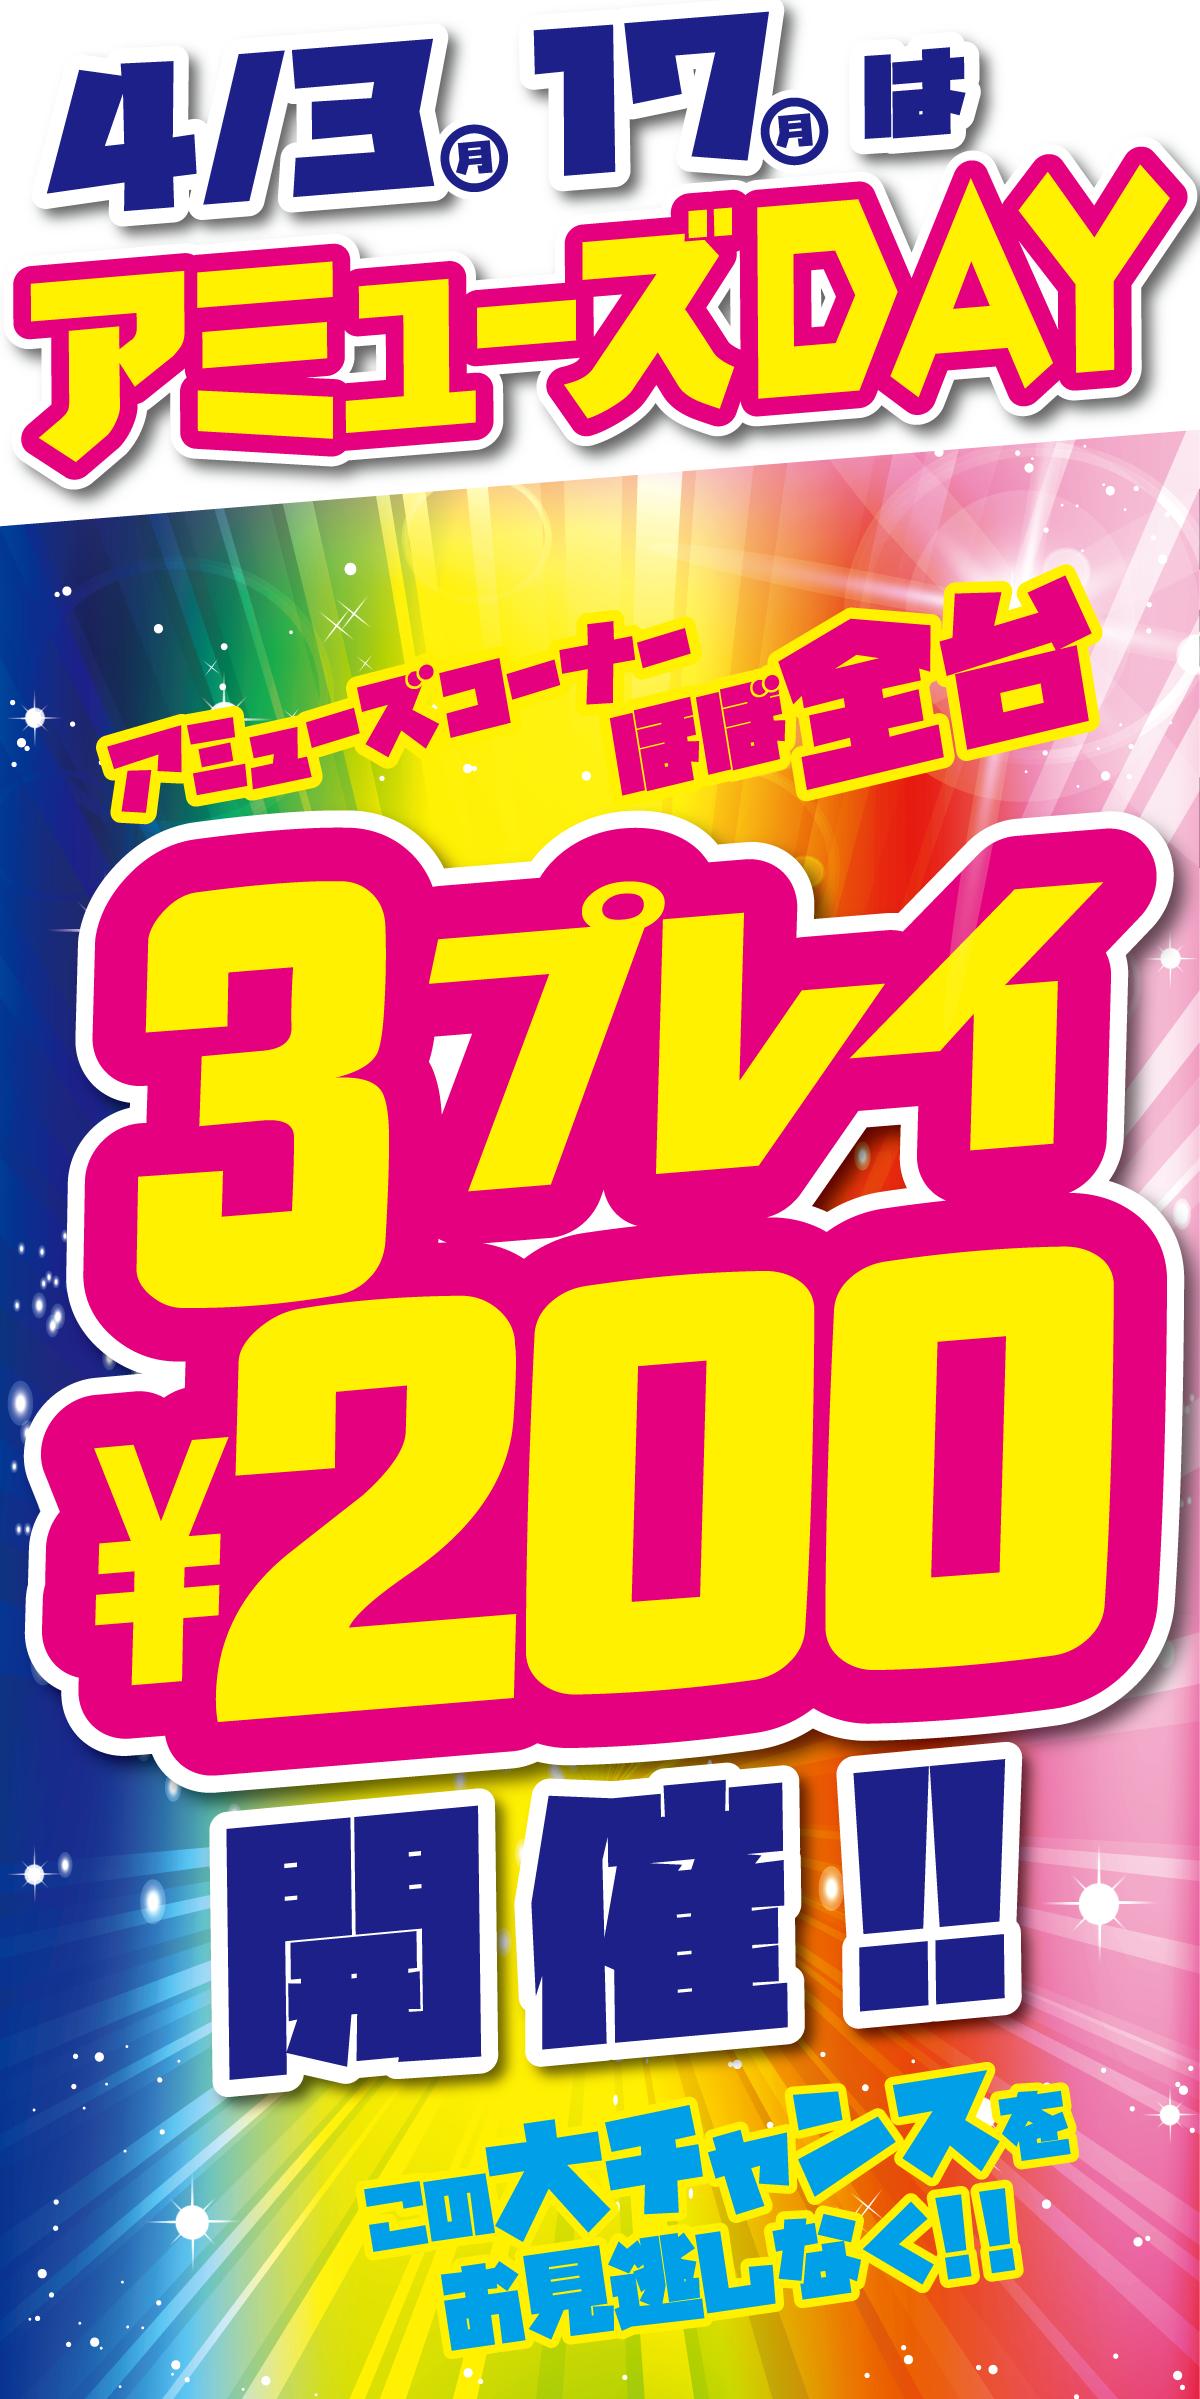 「開放倉庫桜井店」2017年4月3日&17日の月曜日はっ!!アミューズDAY開催!!3プレイ200円!!